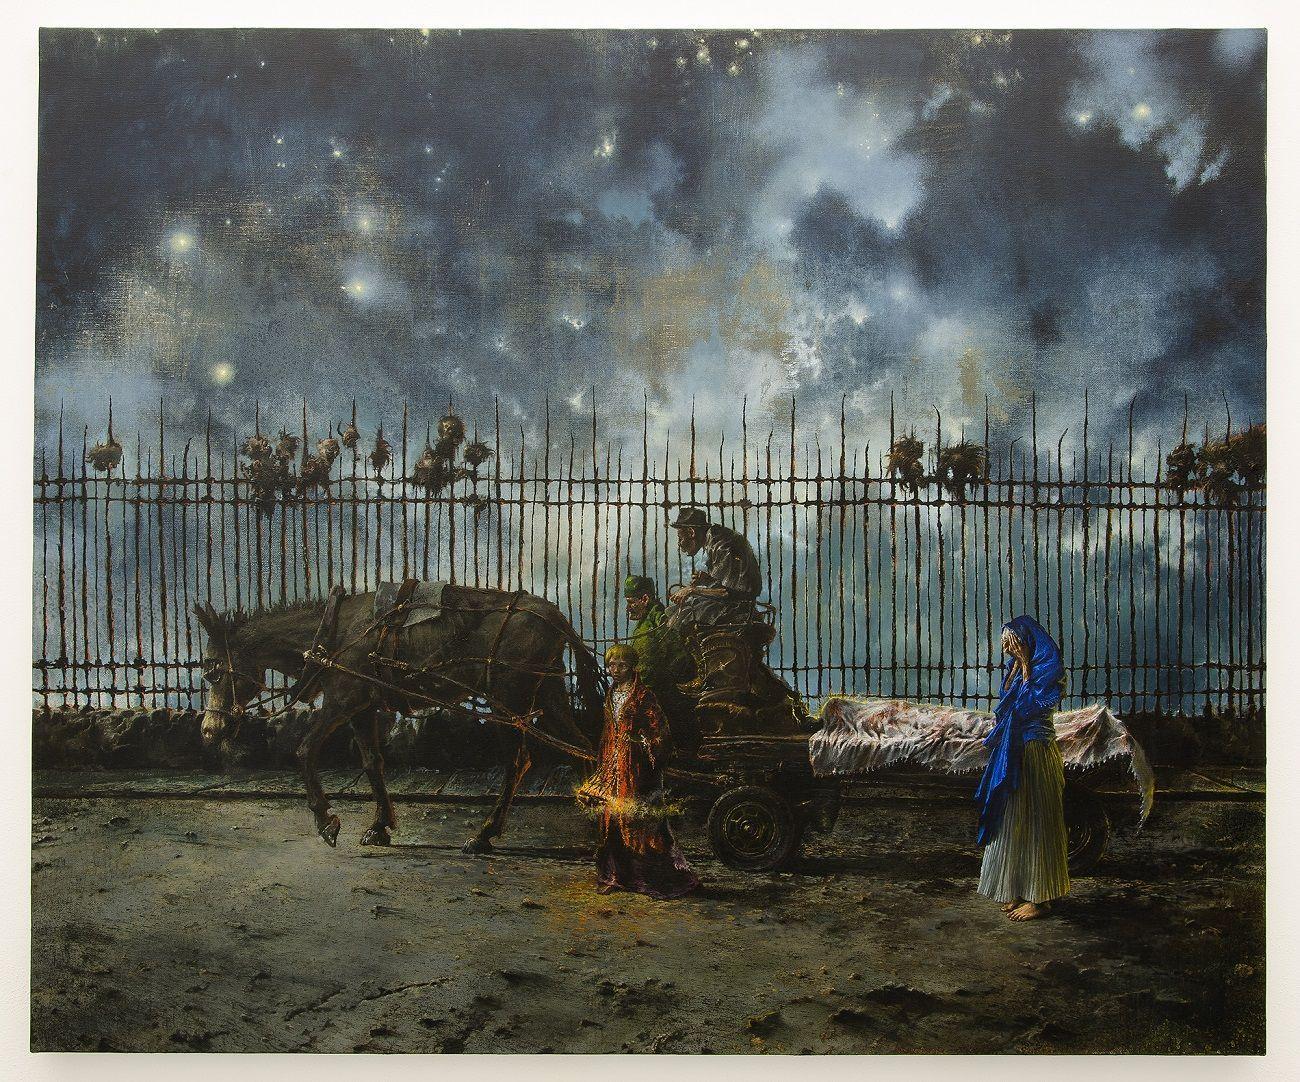 Francesco De Grandi, Compianto al Cristo morto, 2017. Courtesy Rizzuto Gallery, Palermo